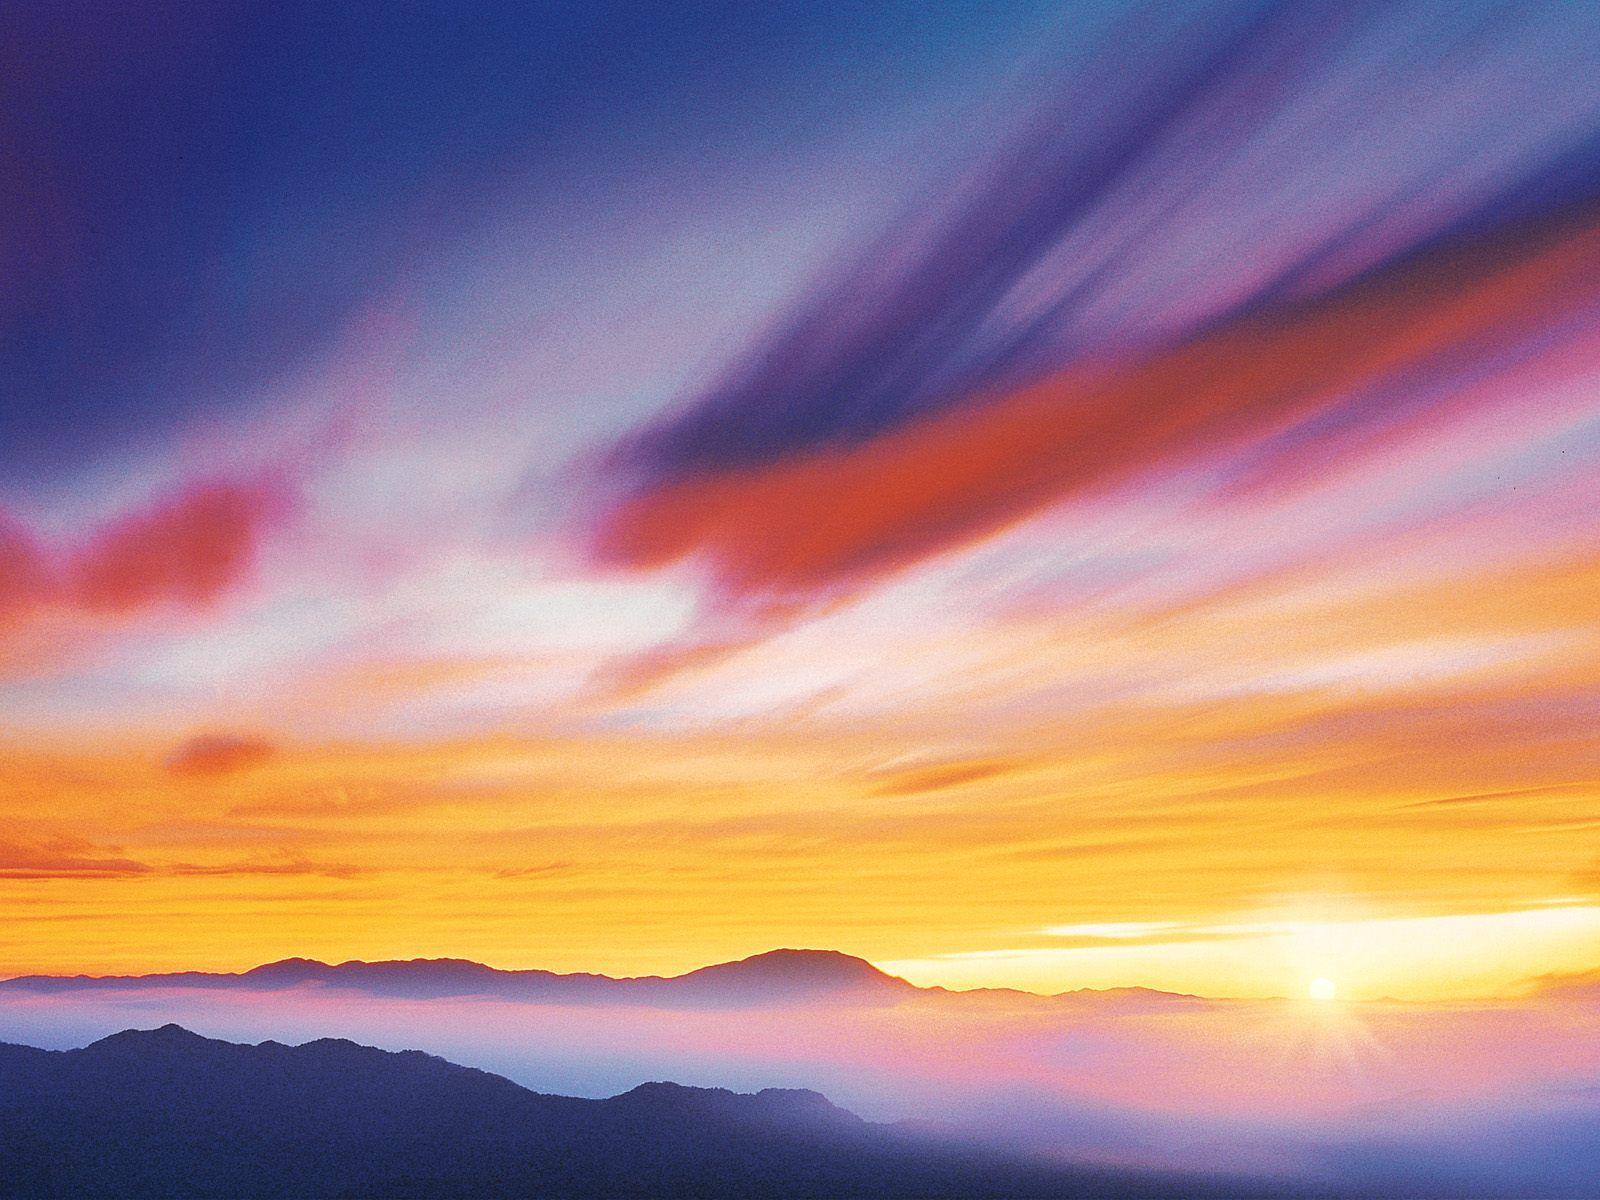 http://4.bp.blogspot.com/-wzgAELNdOxQ/T0eodOMSN2I/AAAAAAAABps/rLTyLoCe3nI/s1600/Good+Morning%21.jpg